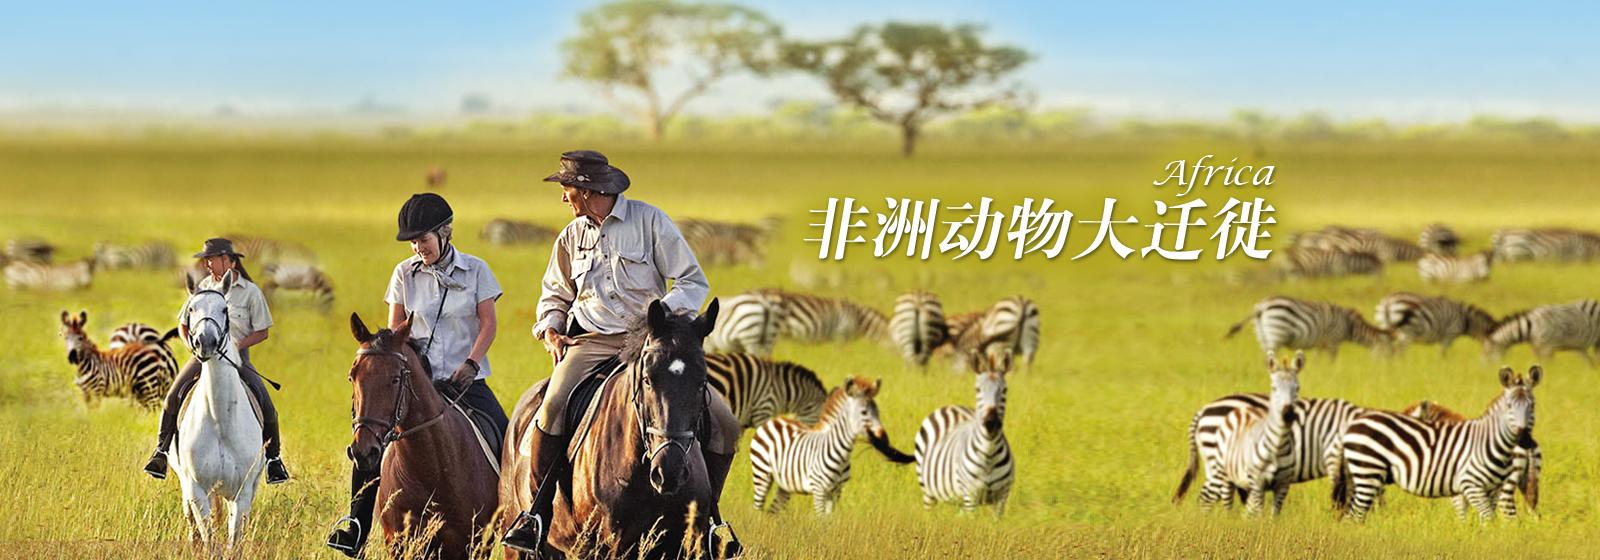 非洲动物大迁徙